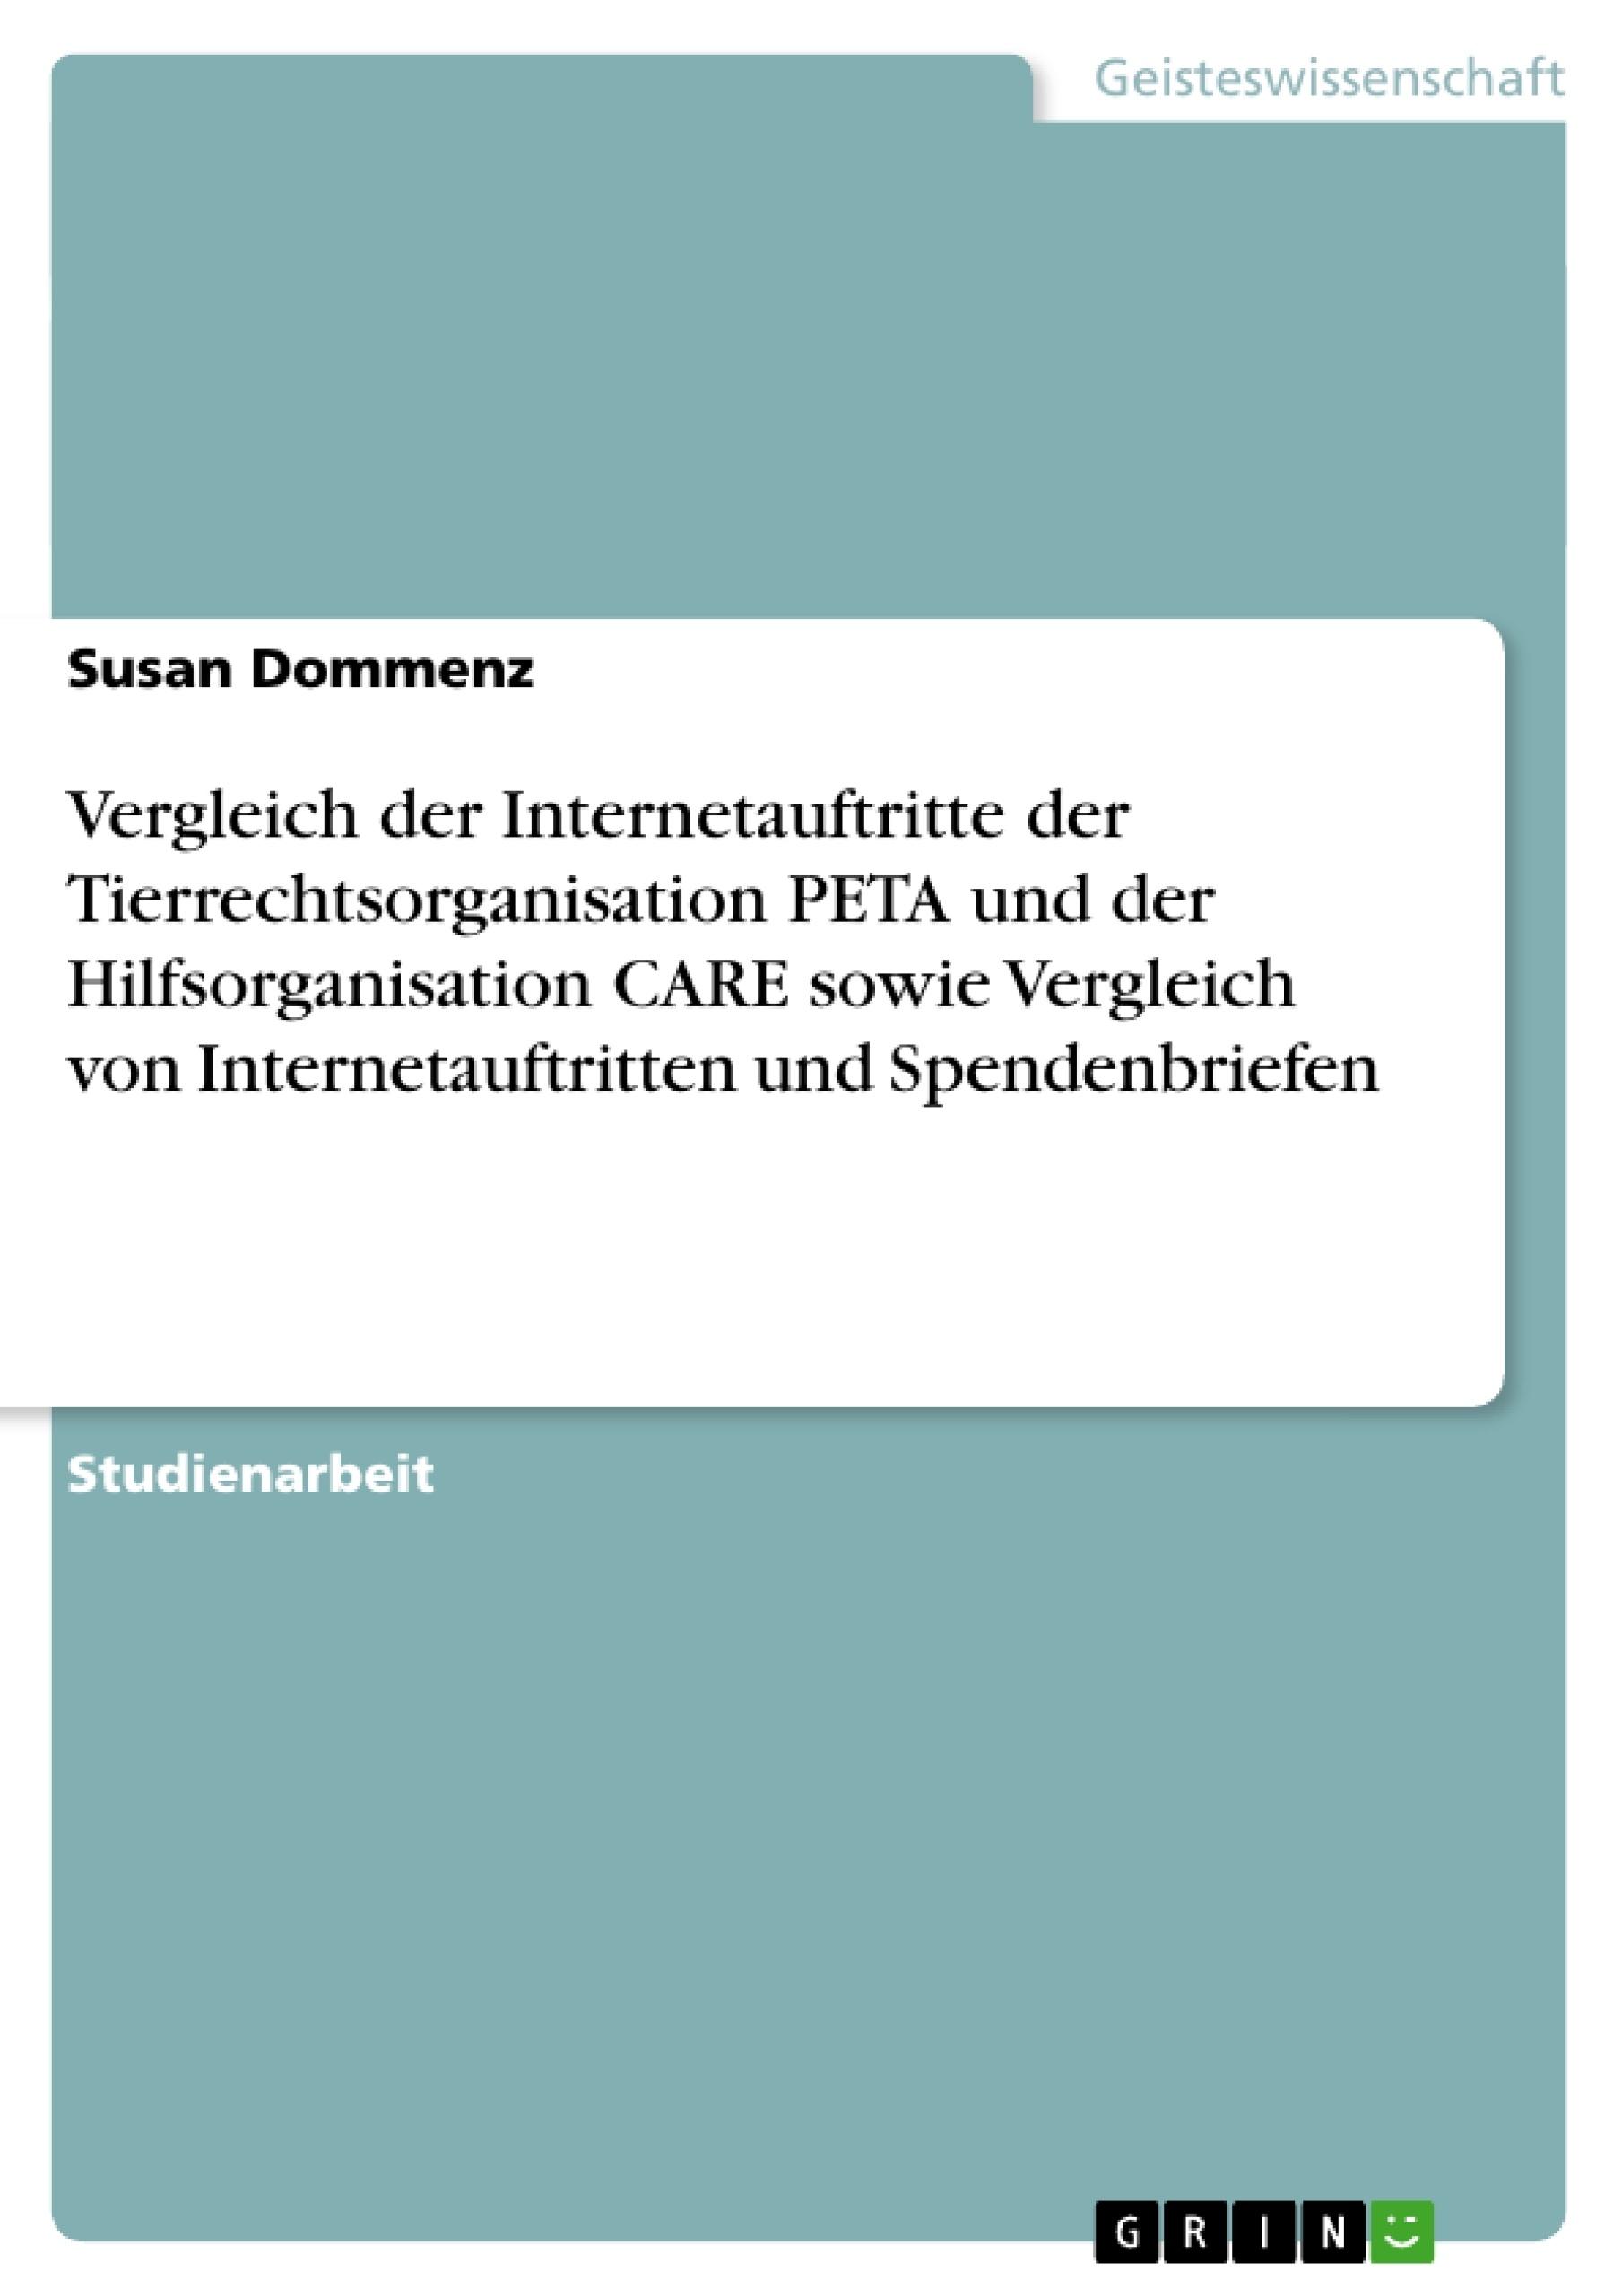 Titel: Vergleich der Internetauftritte der Tierrechtsorganisation PETA und der Hilfsorganisation CARE sowie Vergleich von Internetauftritten und Spendenbriefen